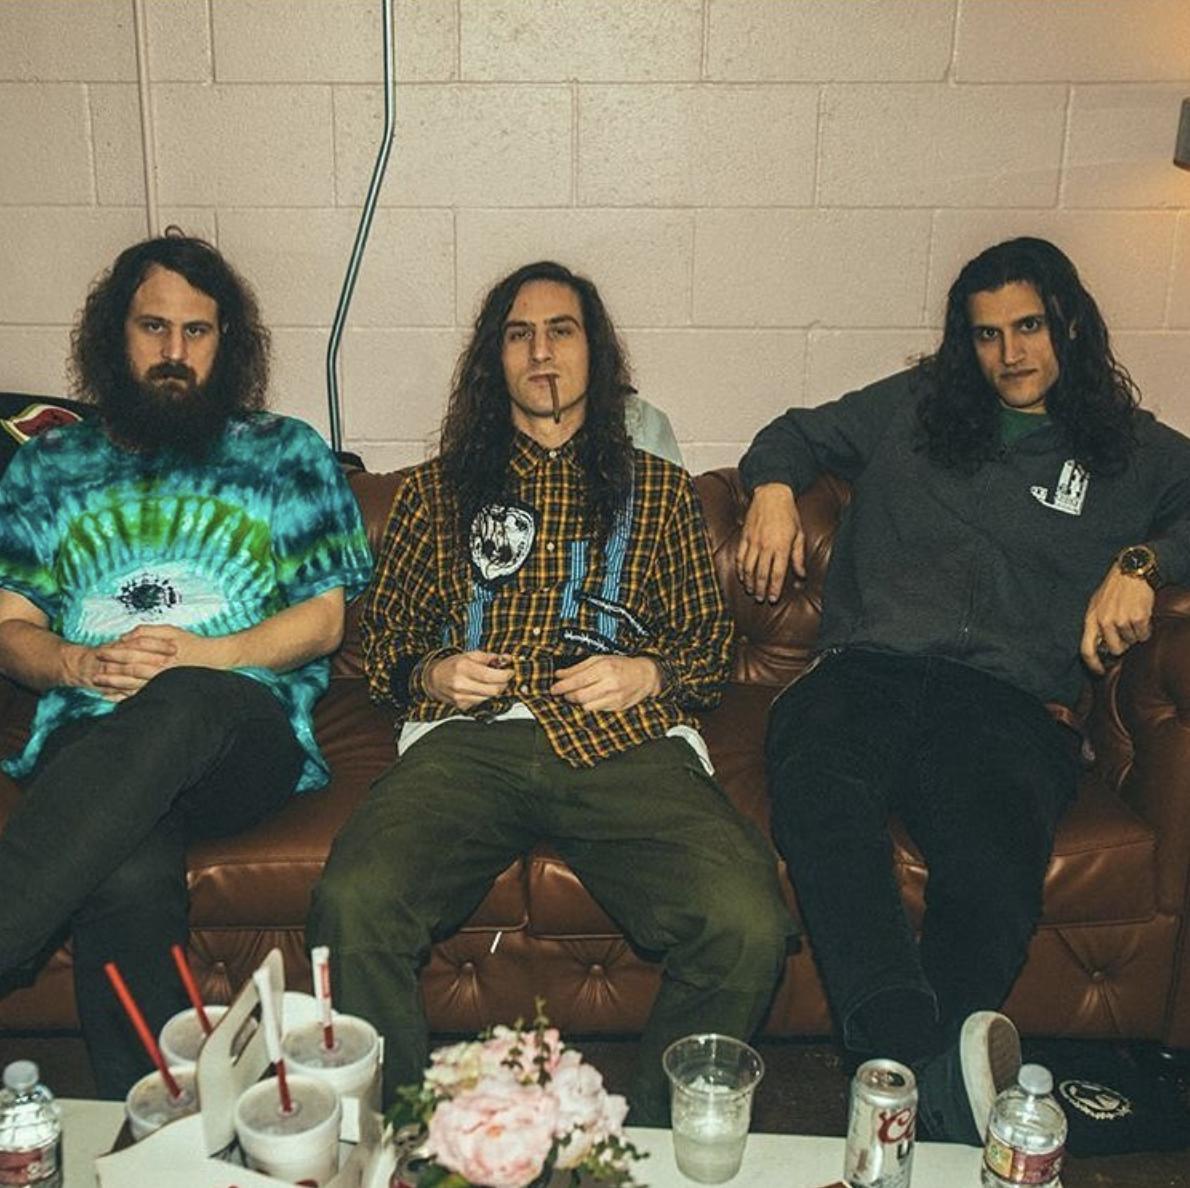 hippie sabotage wears marsanne brands on us tour -